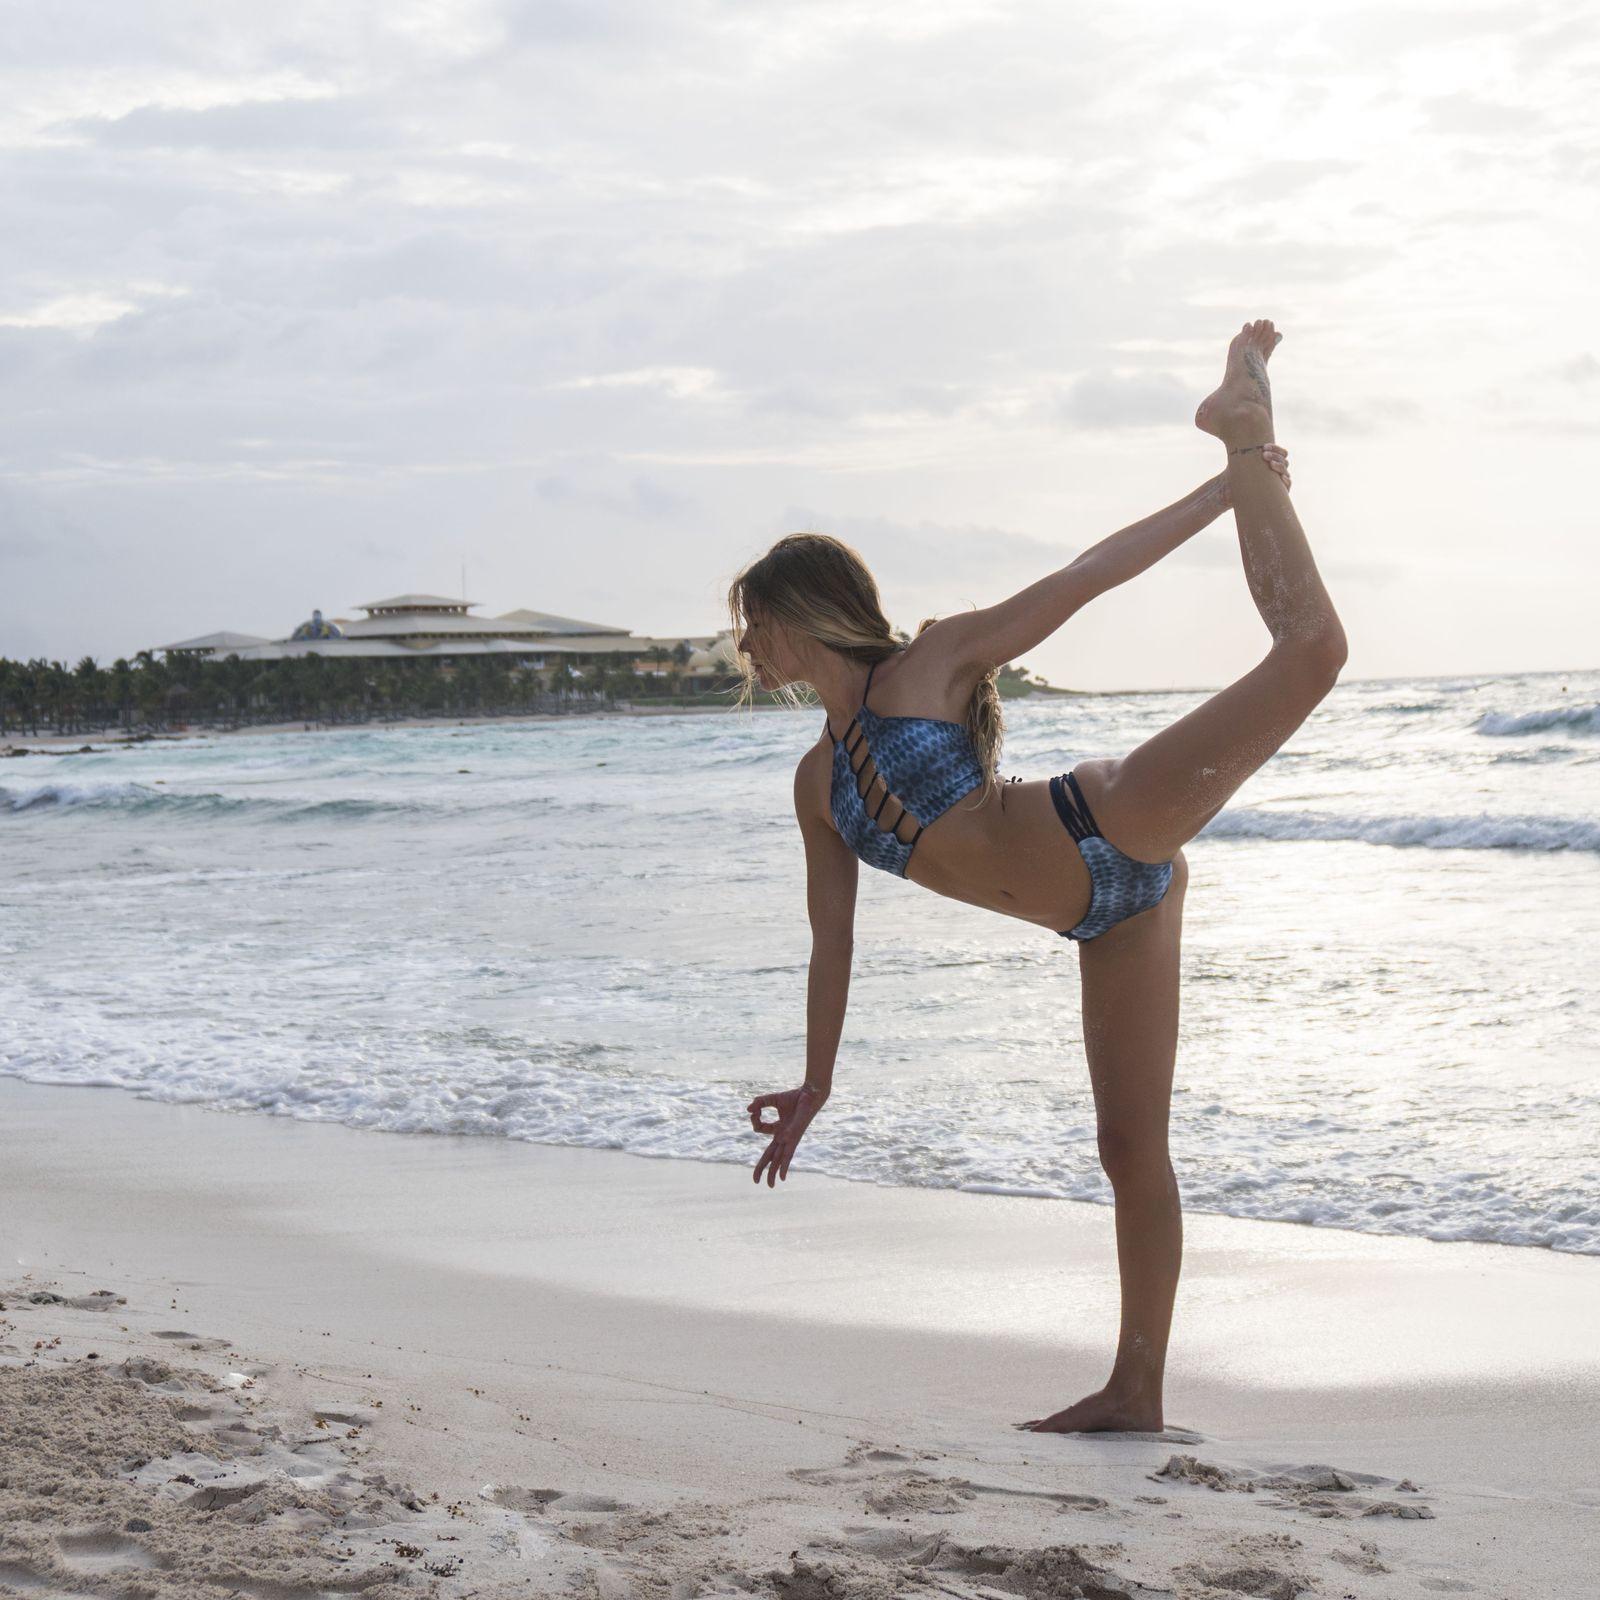 Hacer yoga en la playa con la influencer Alex Lettrich en Riviera Maya